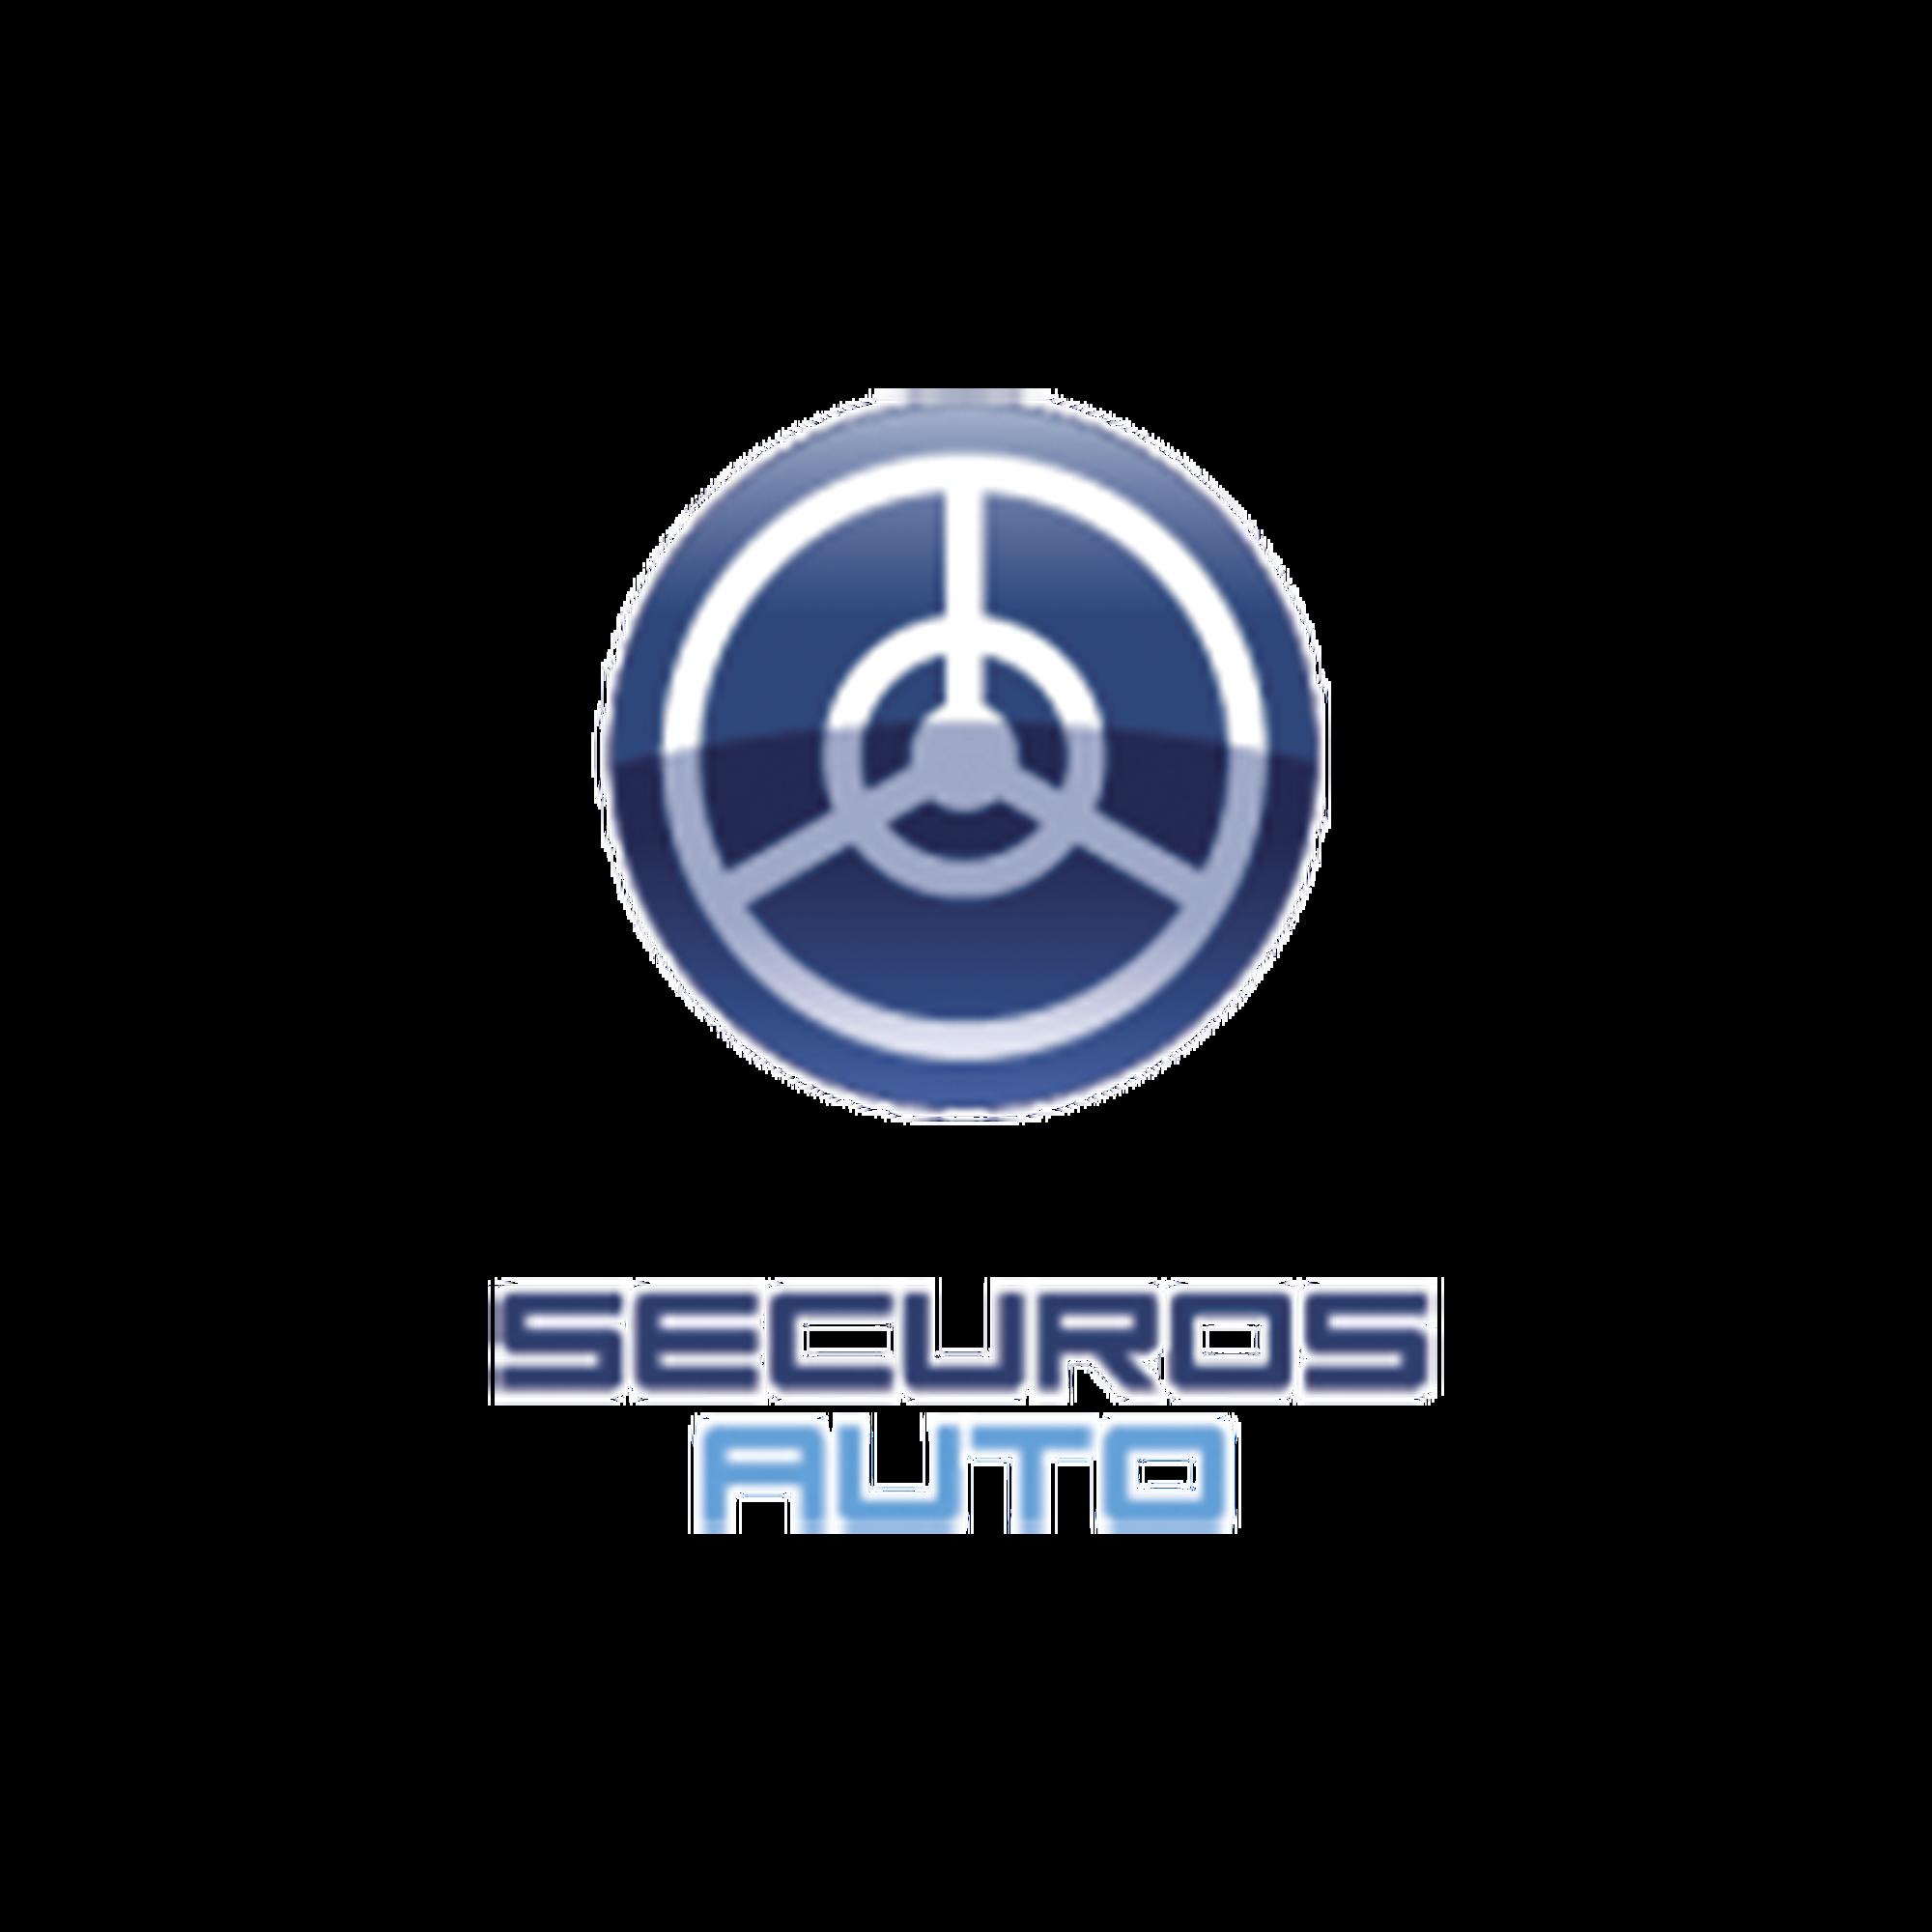 Licencia LPR SecurOS AUTO por Cámara, para Baja Velocidad (hasta 40Km/h)